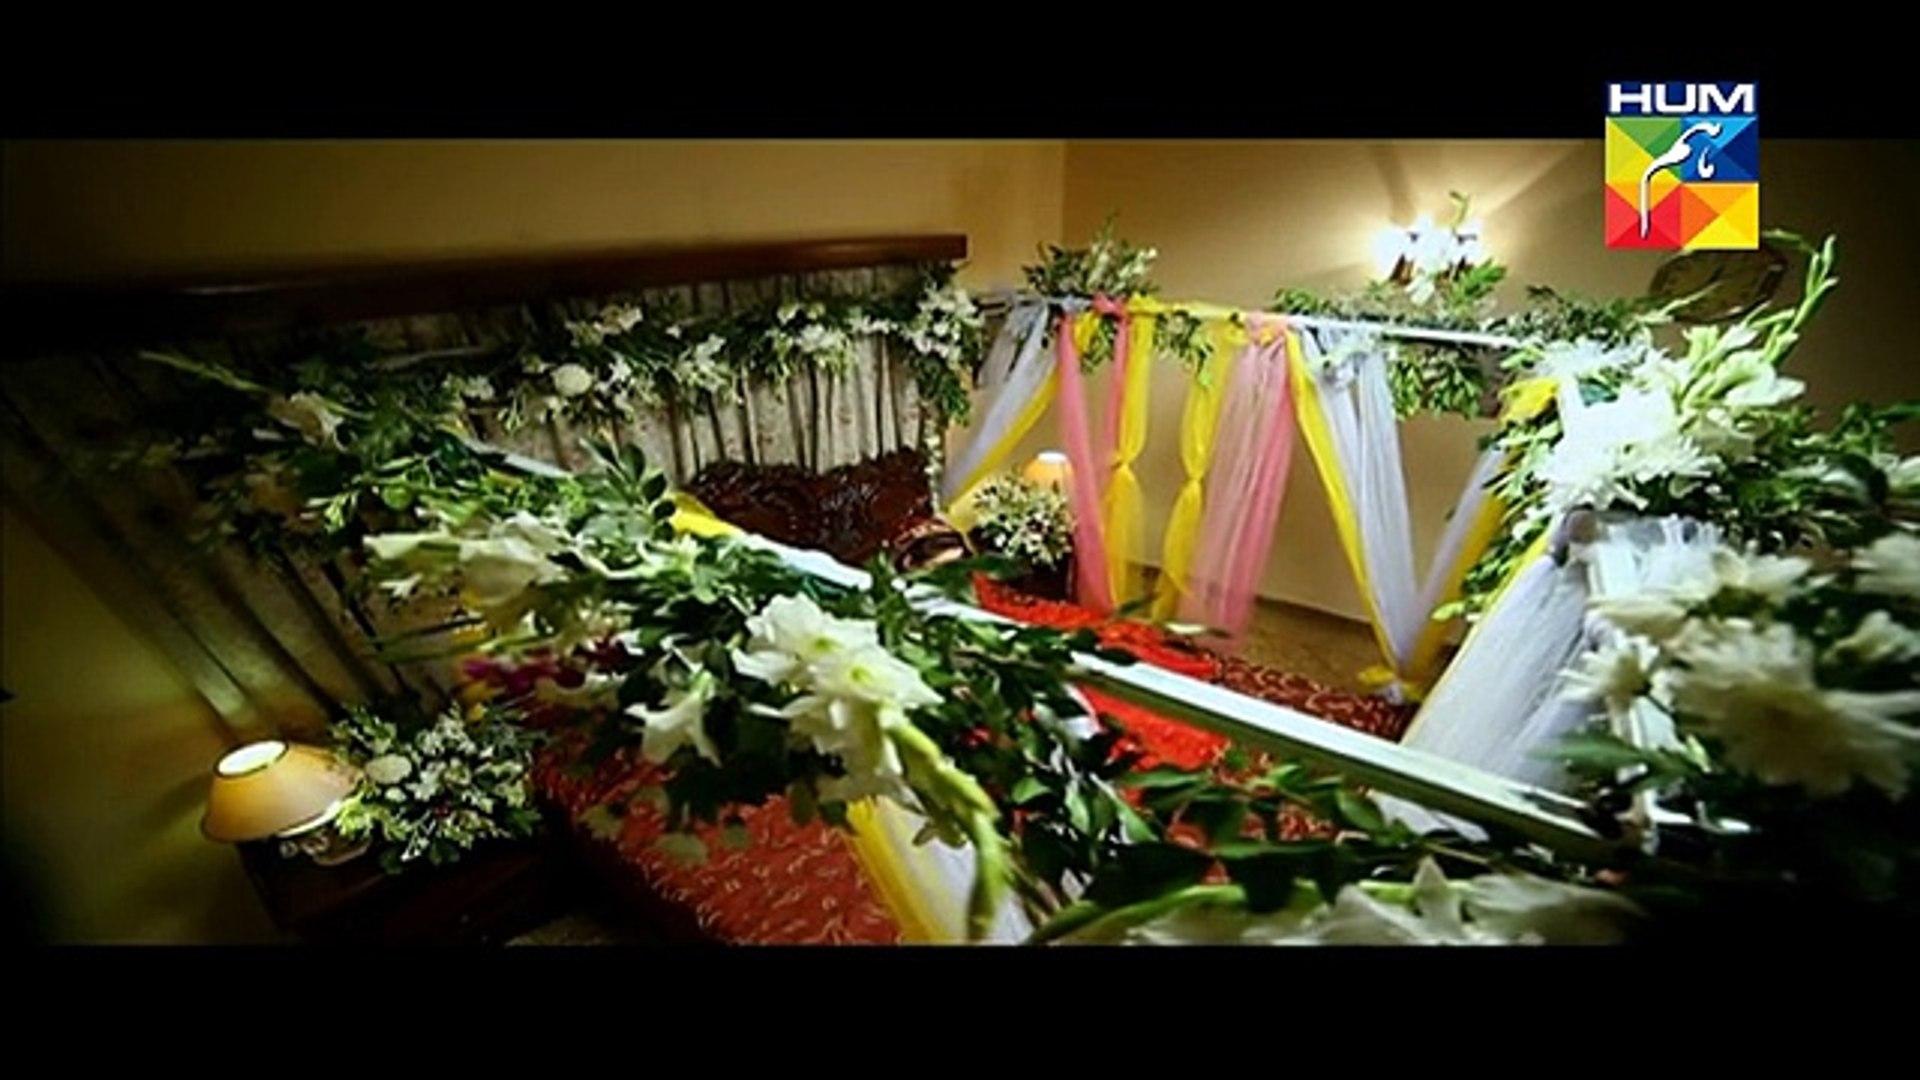 Aye Zindagi Episode 10 Full High Quality HUM TV Drama 14 May 2015